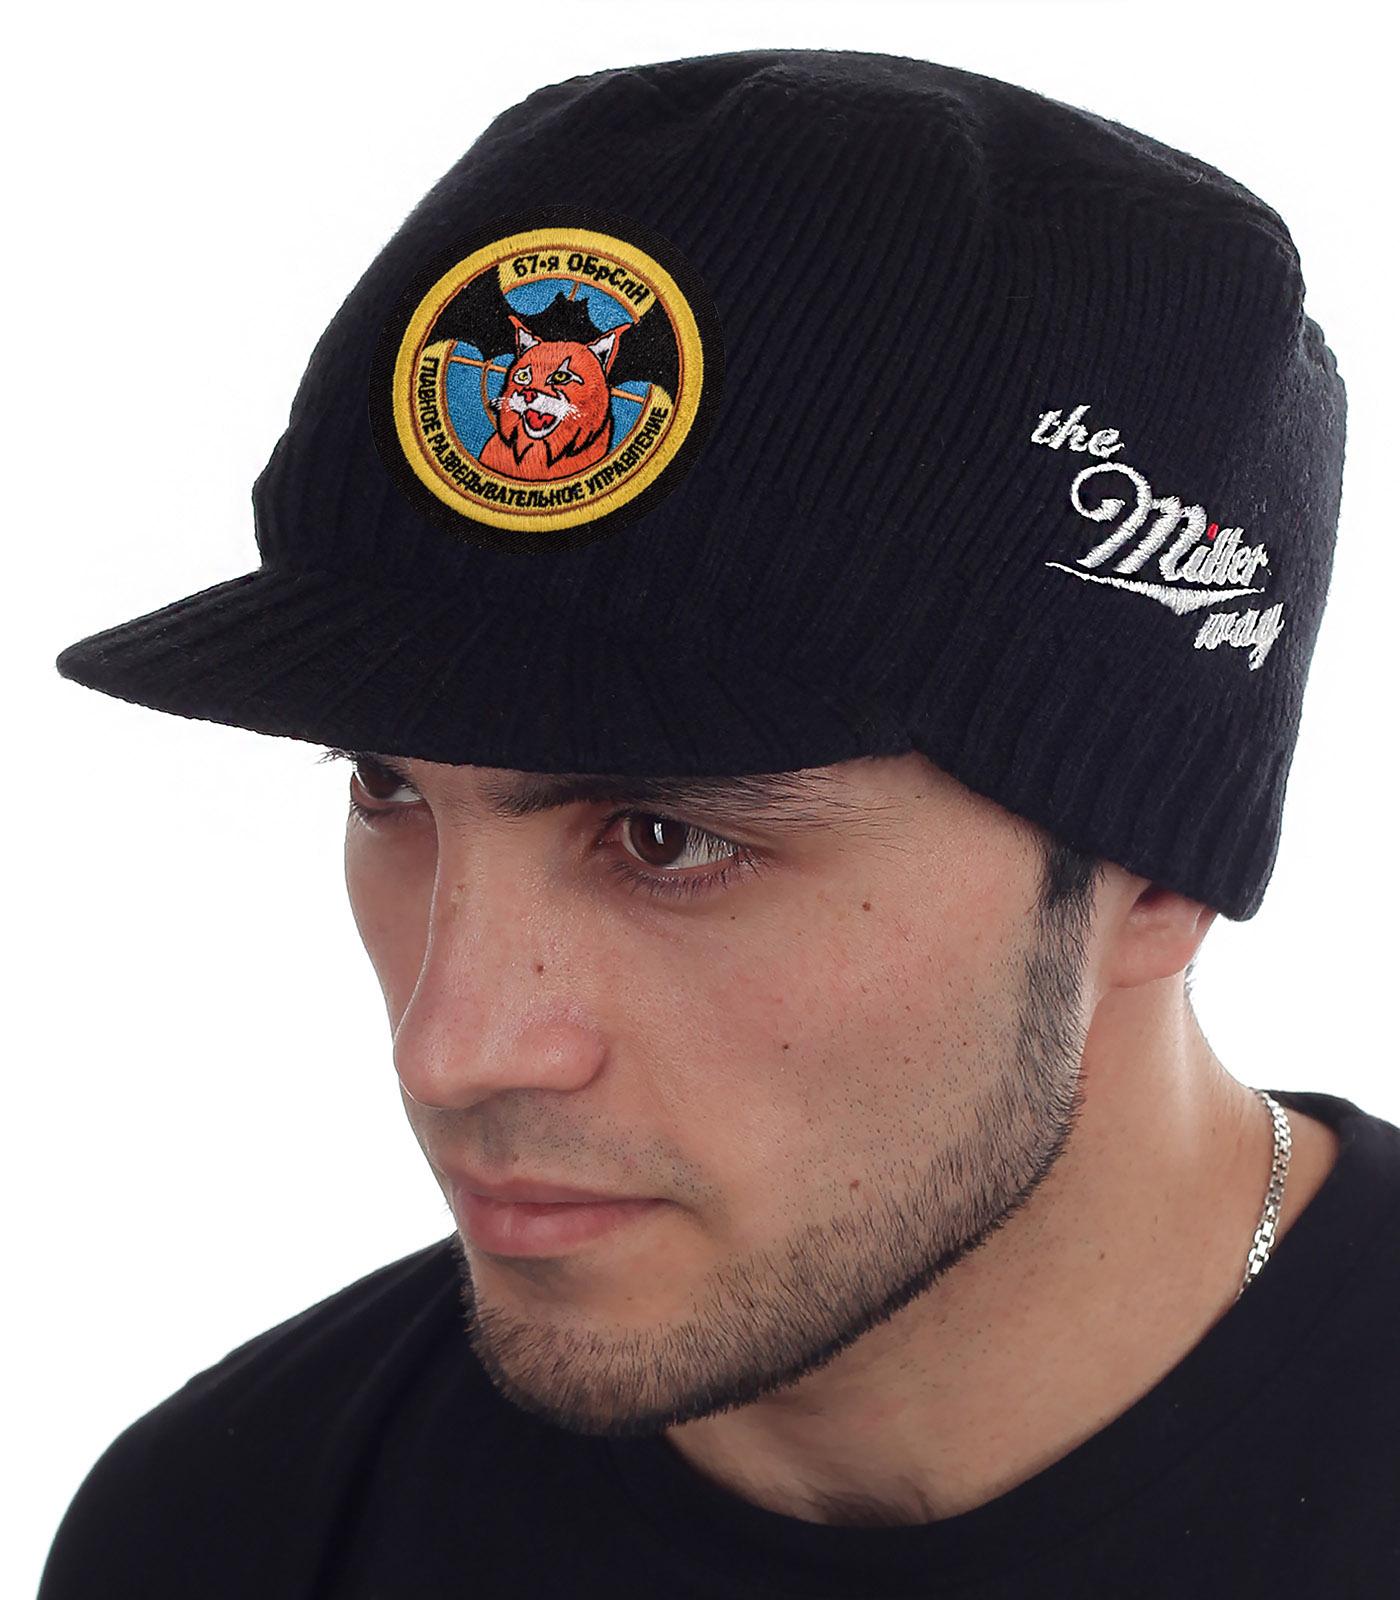 Демисезонная шапка-кепка от бренда Miller - заказать в подарок